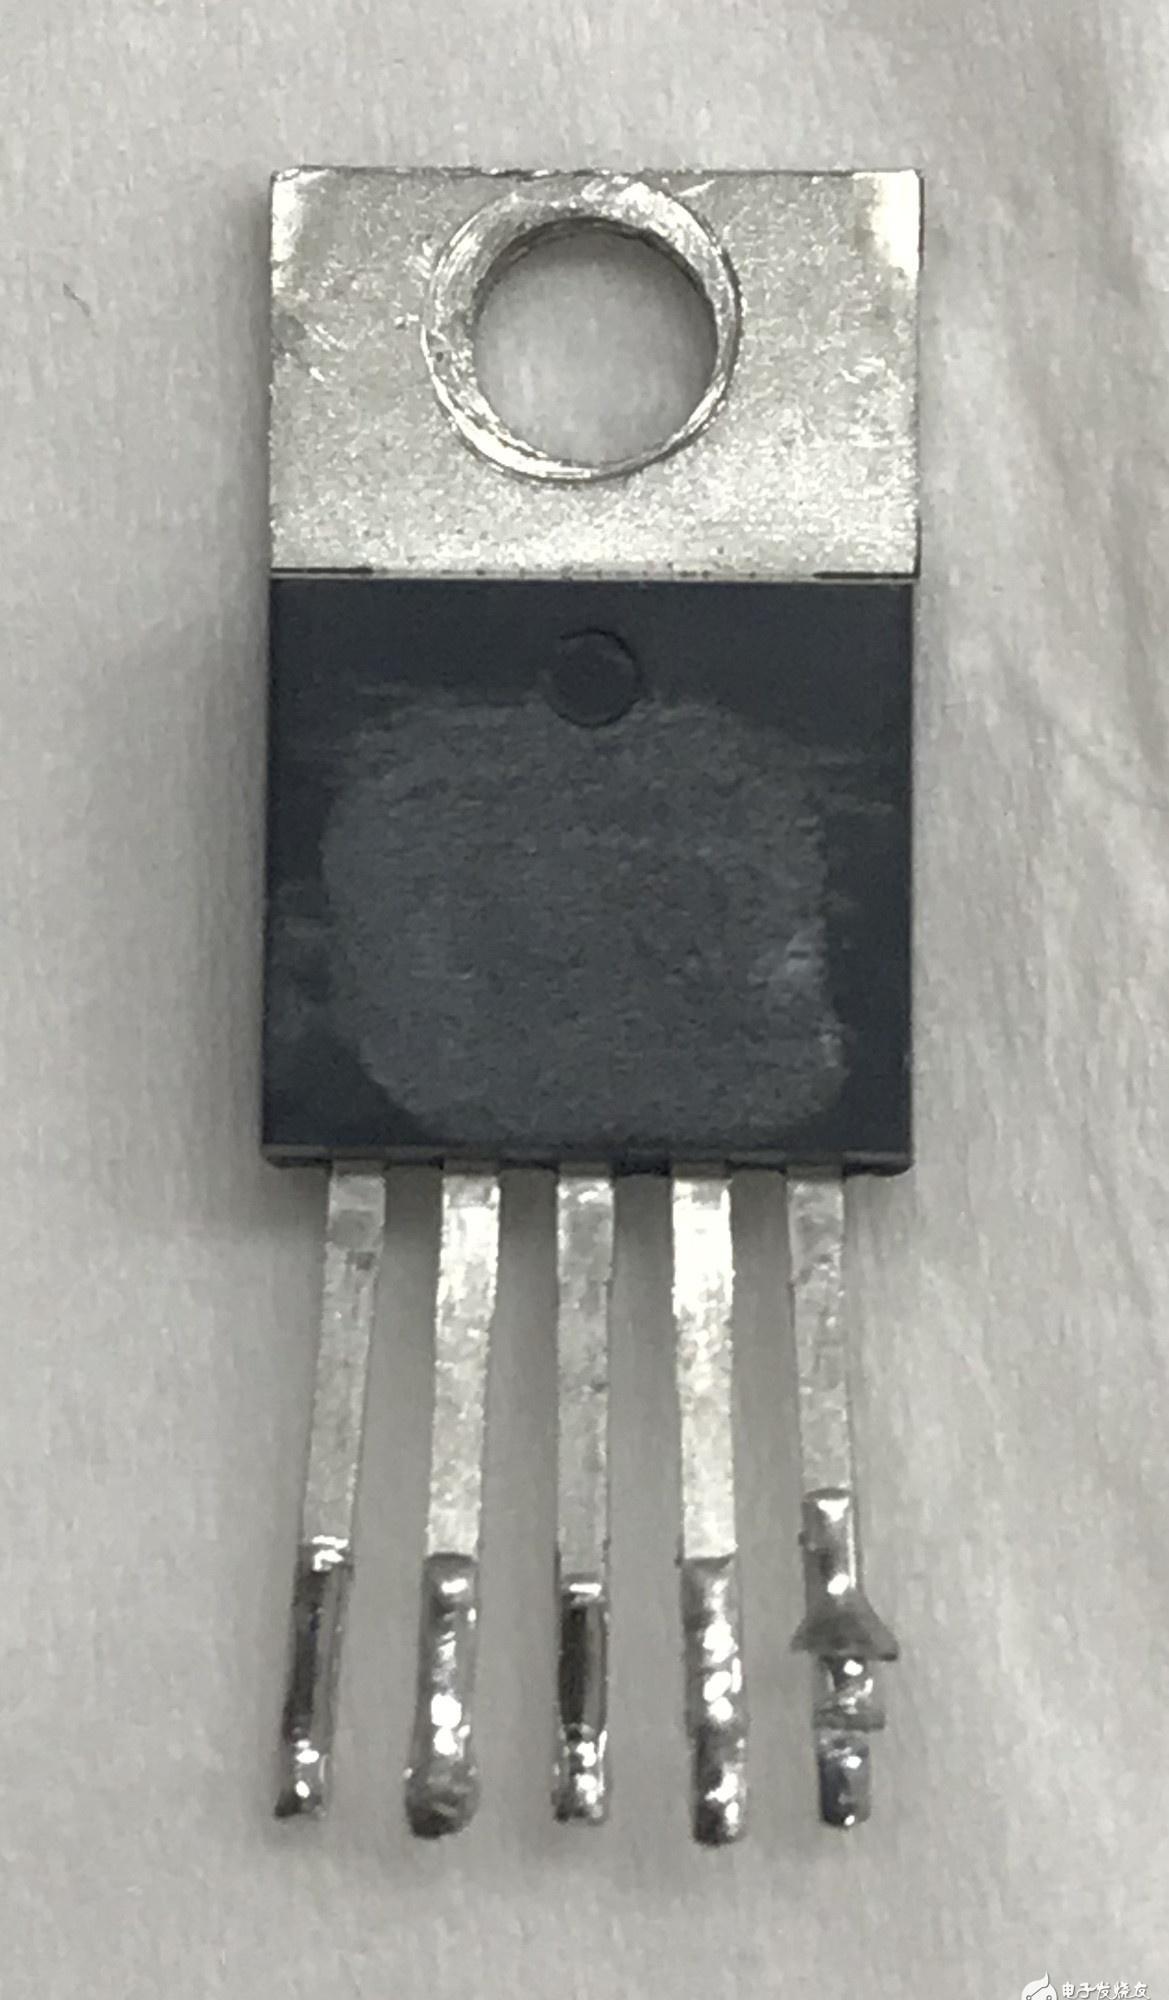 請求大神幫忙看看此芯片的型號?